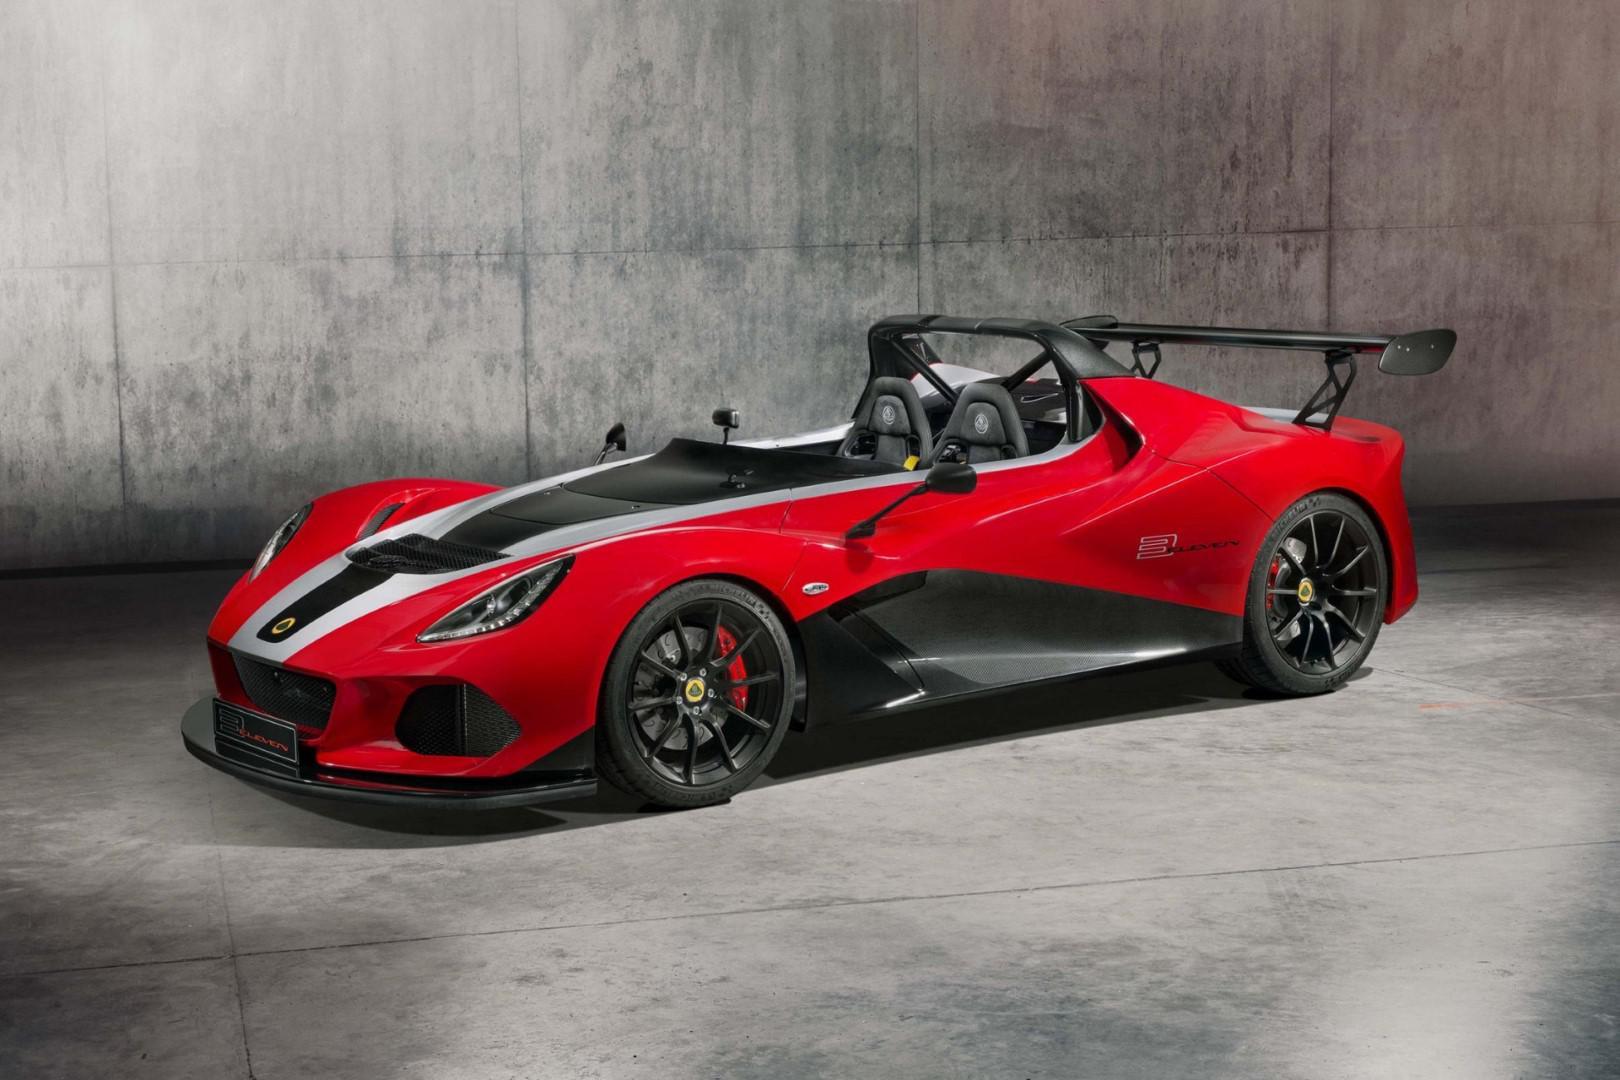 Lotus dévoile une nouvelle déclinaison exclusive: 3-Eleven 430